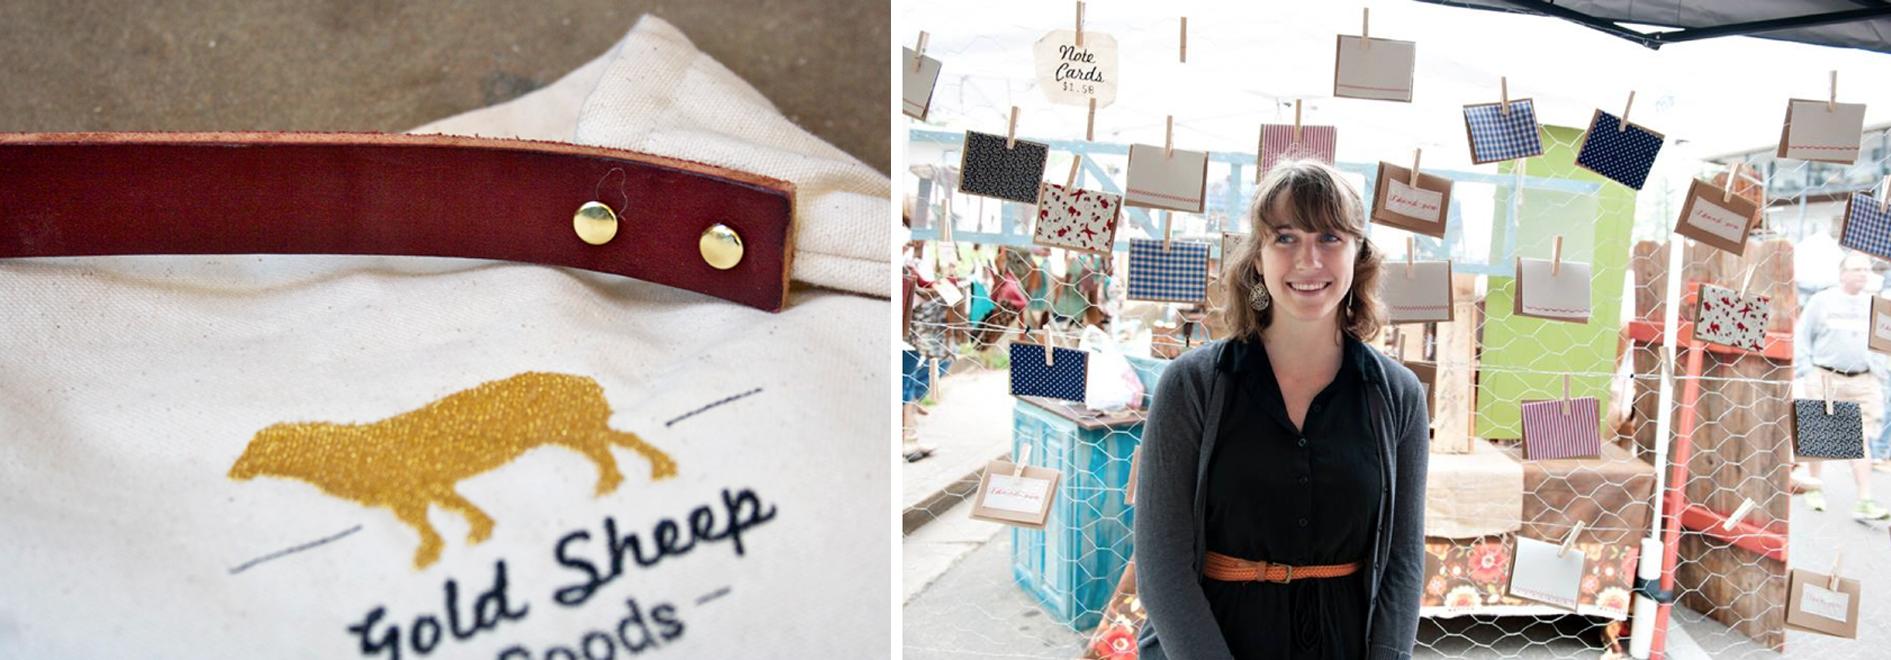 Gold Sheep Goods (a fiber arts company)